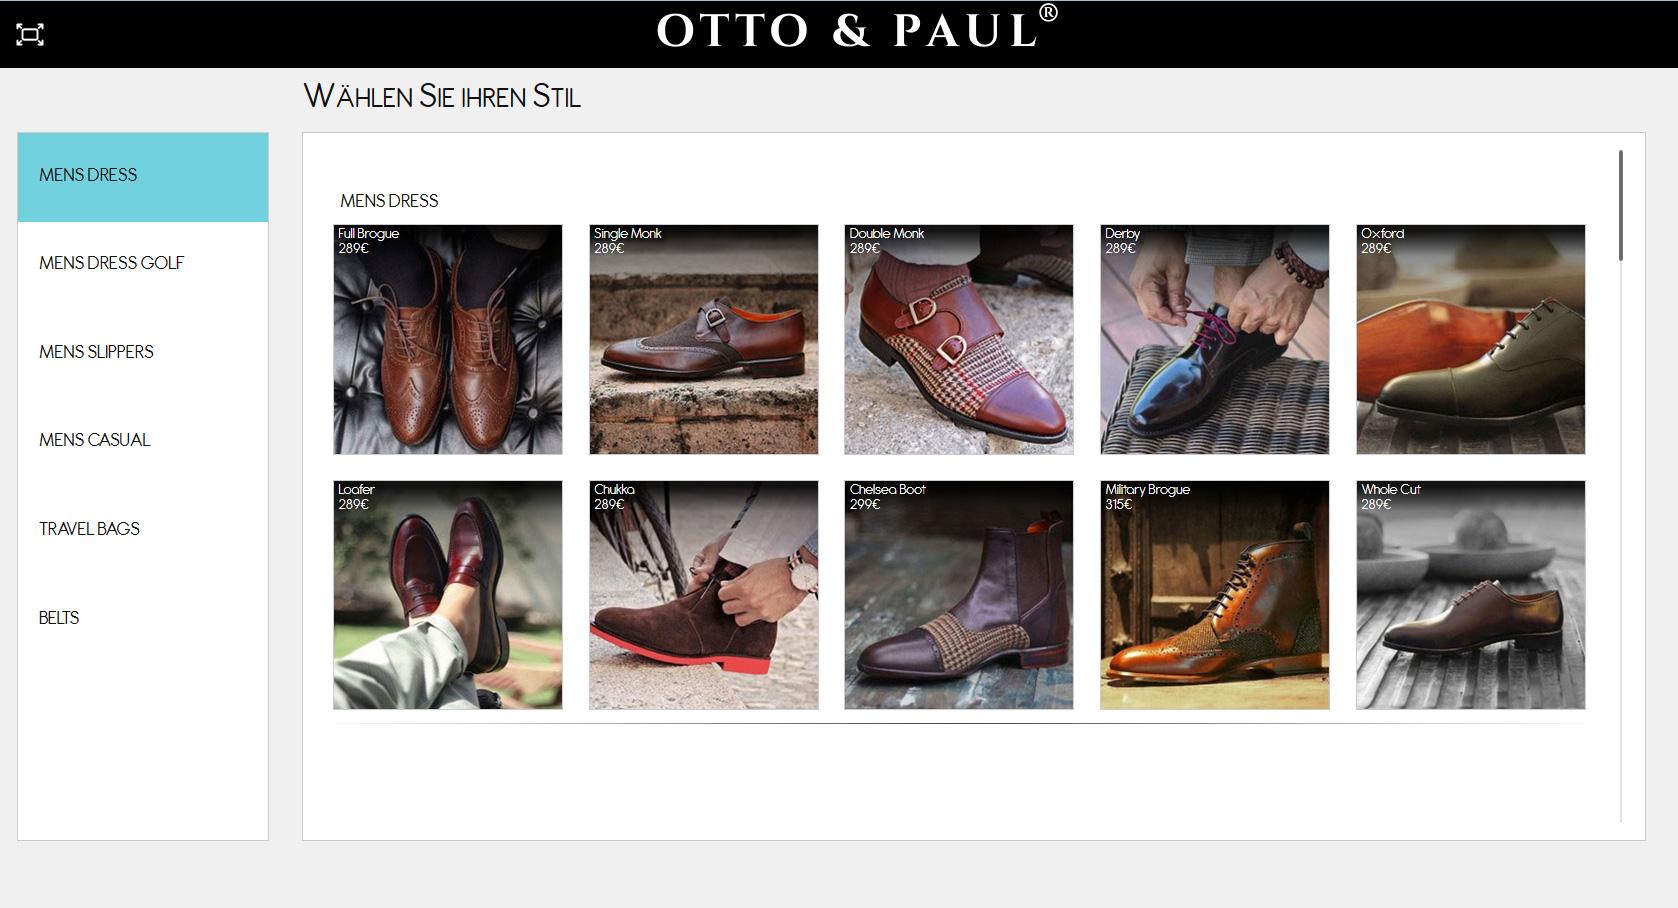 Otto & Paul - Die Schuhauswahl